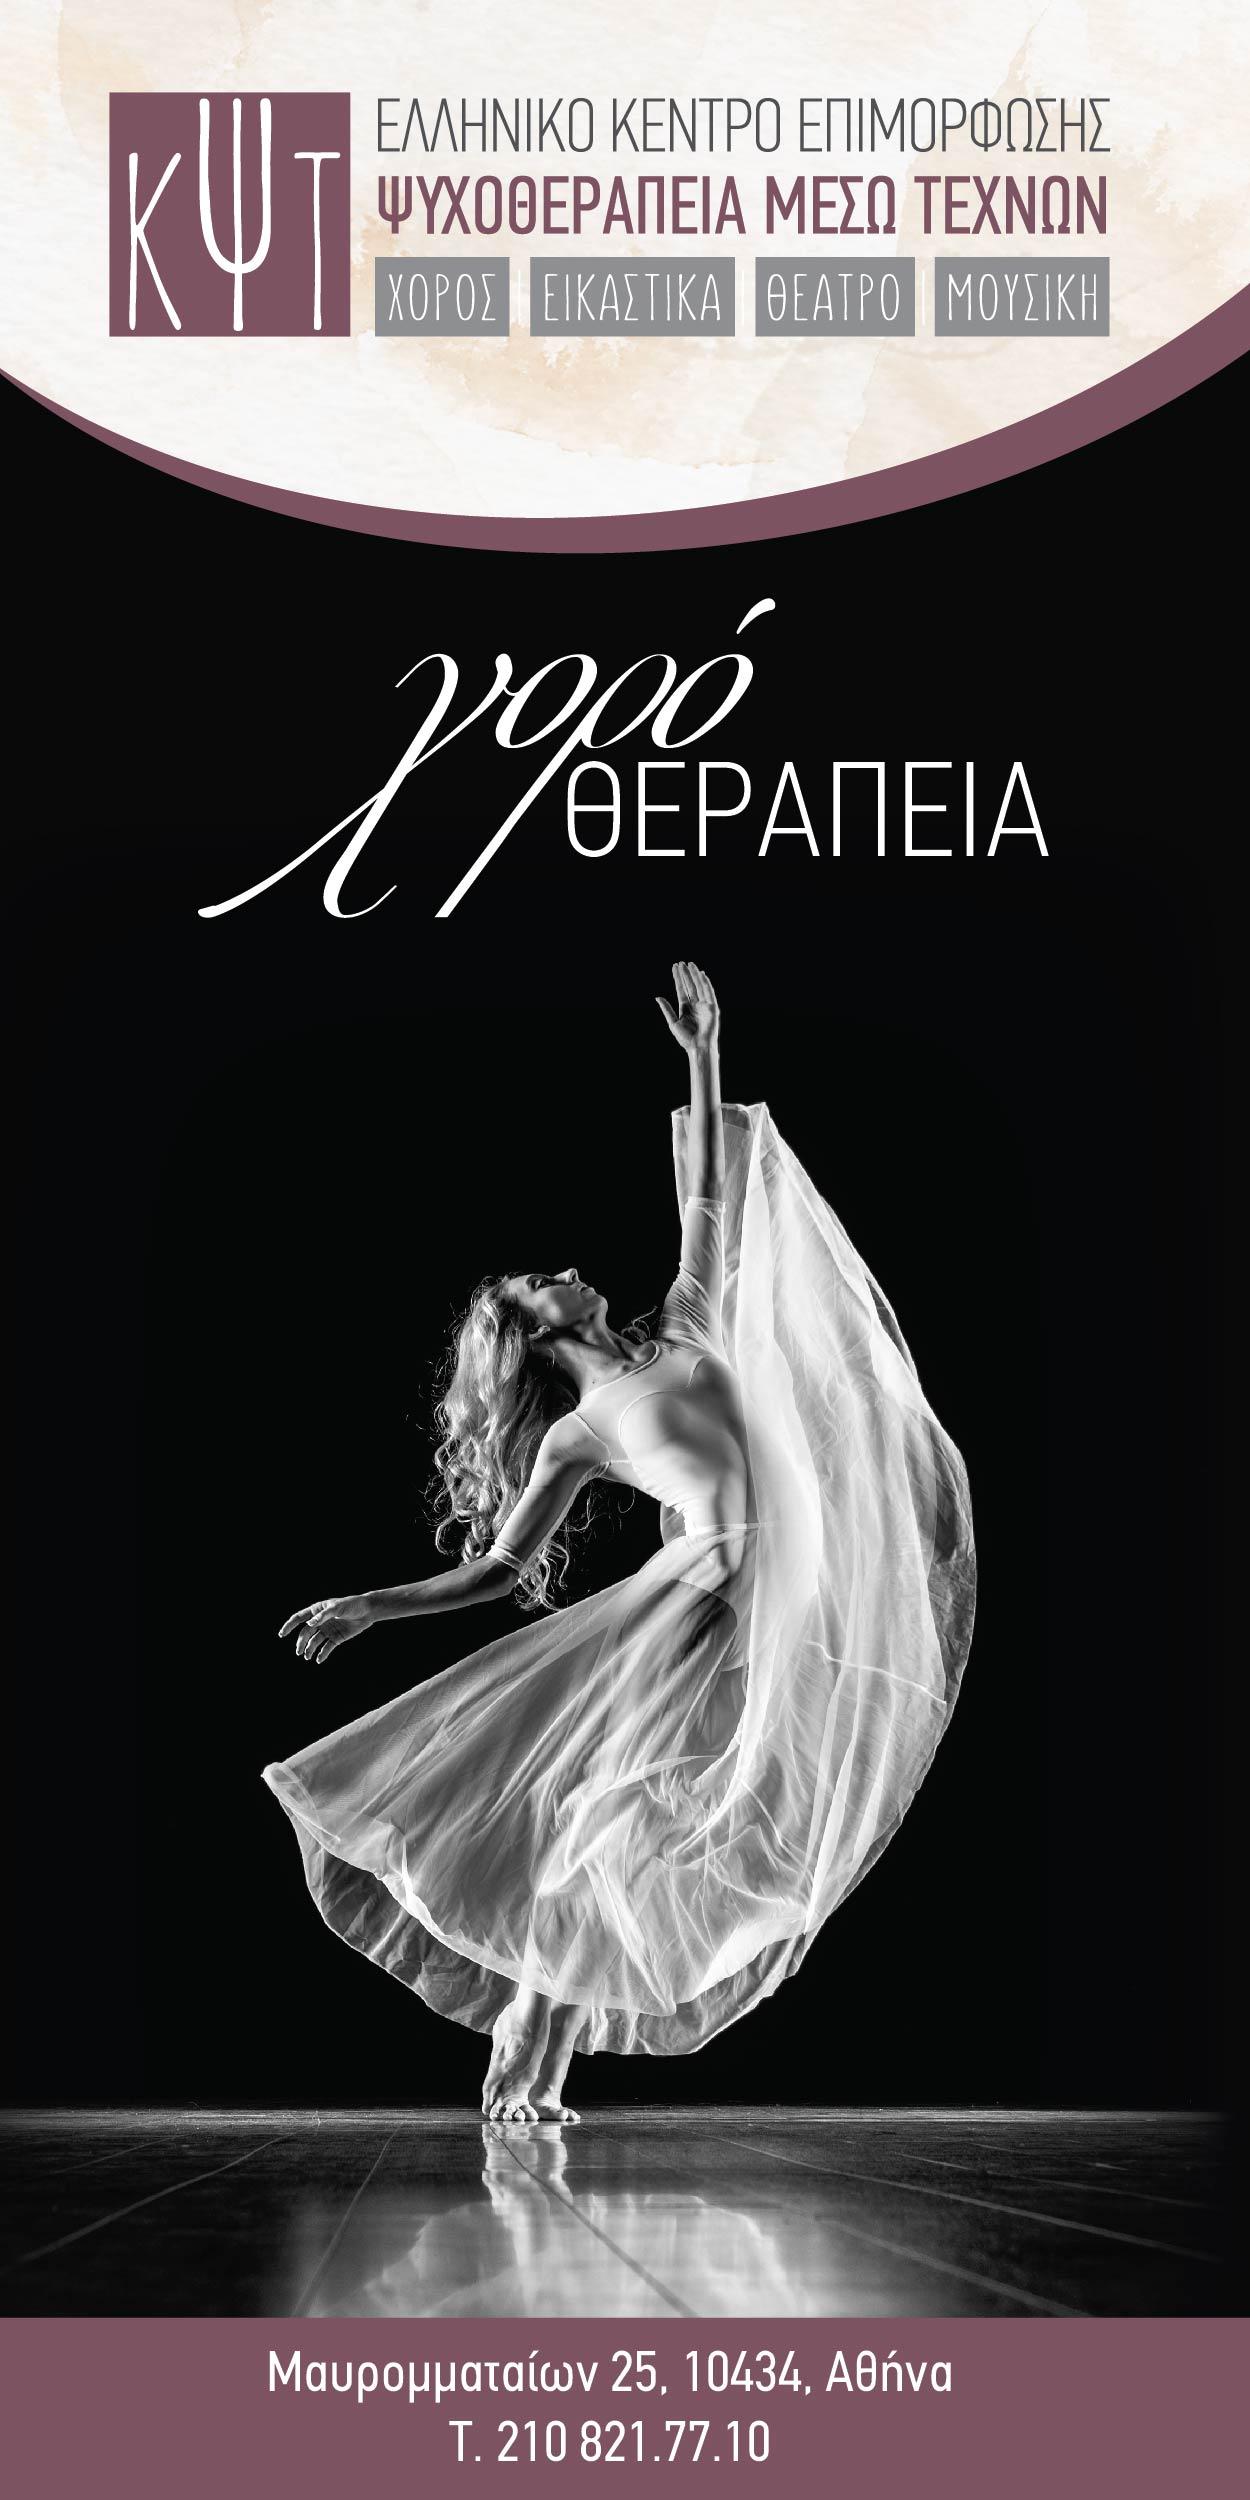 Ελληνικό Κέντρο Επιμόρφωσης - Ψυχοθεραπεία μέσω Τεχνών - Χοροθεραπεία